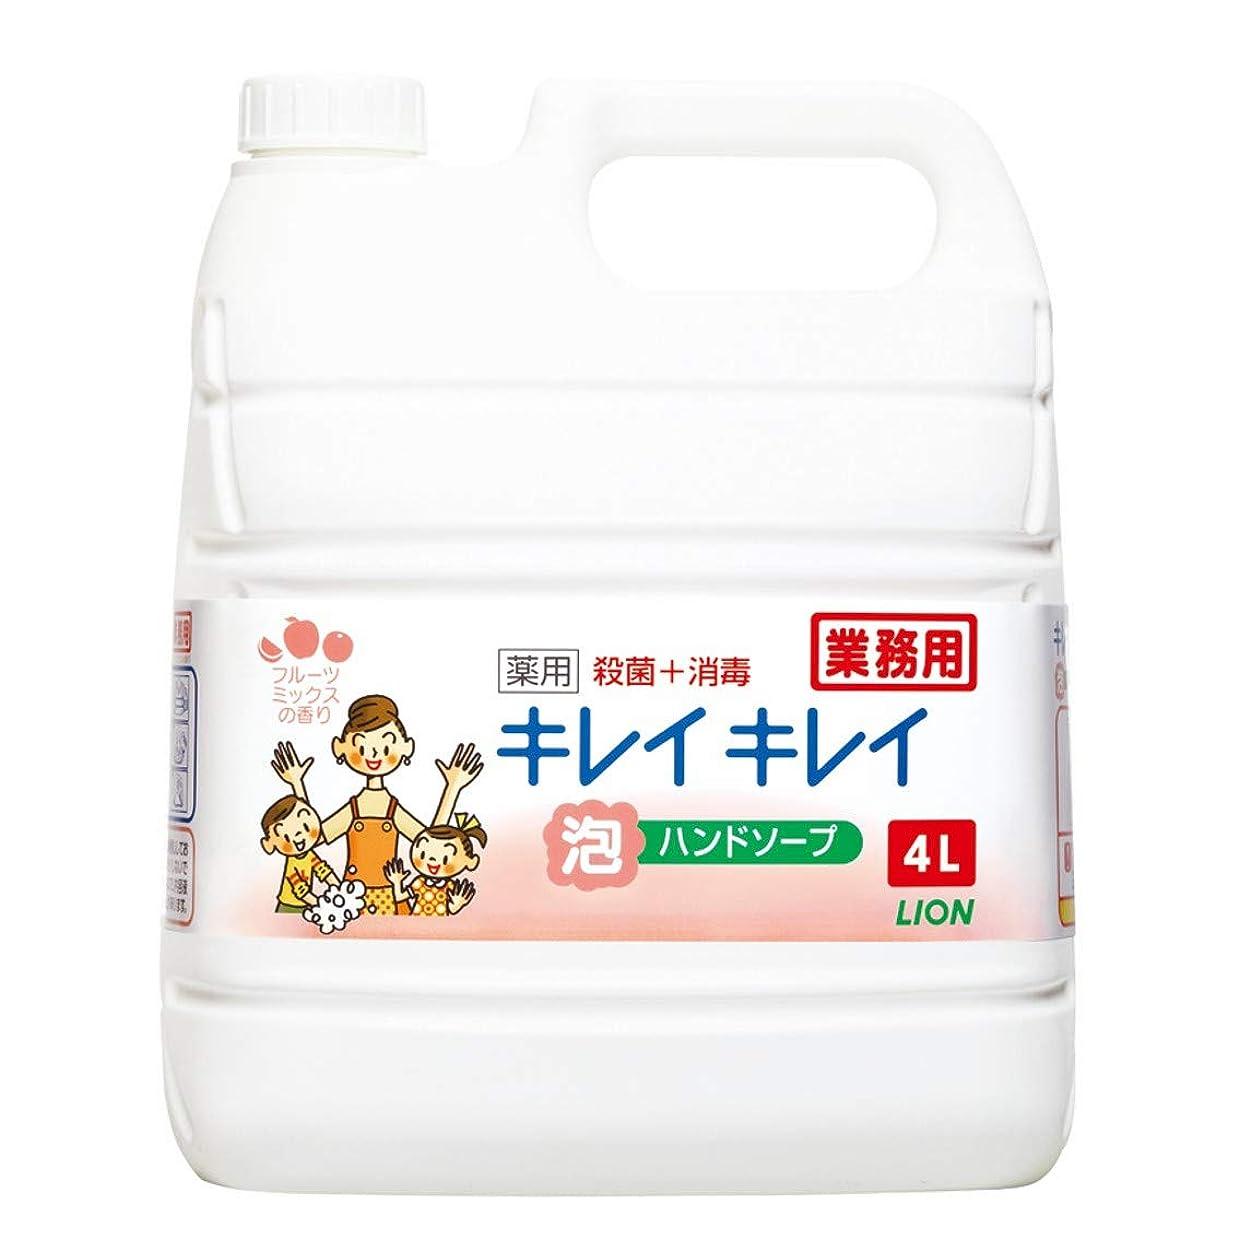 貫通する台風増加する【業務用 大容量】キレイキレイ 薬用 泡ハンドソープフルーツミックスの香り 4L(医薬部外品)